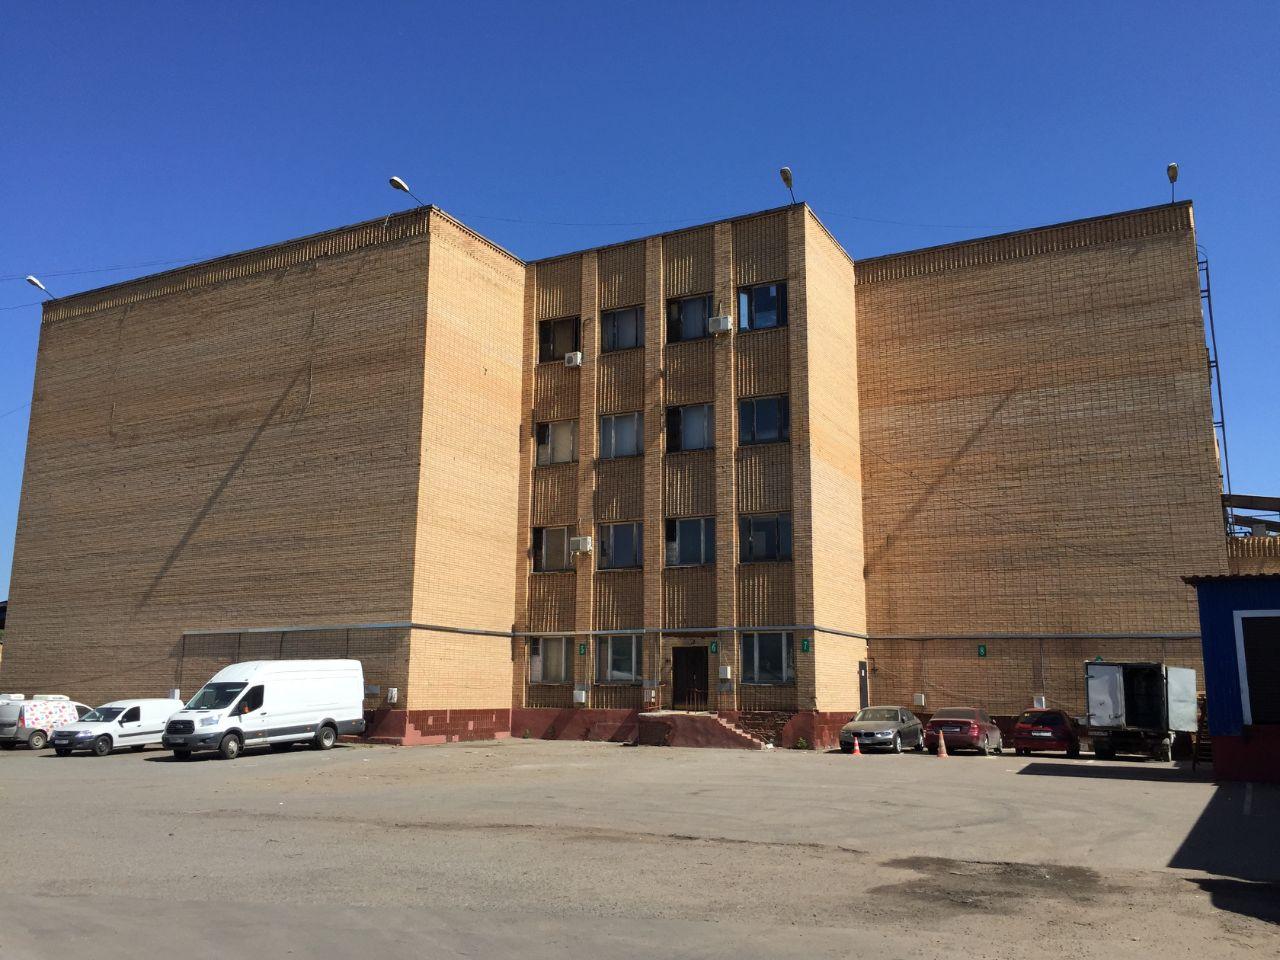 Складском комплексе Продснаб 93